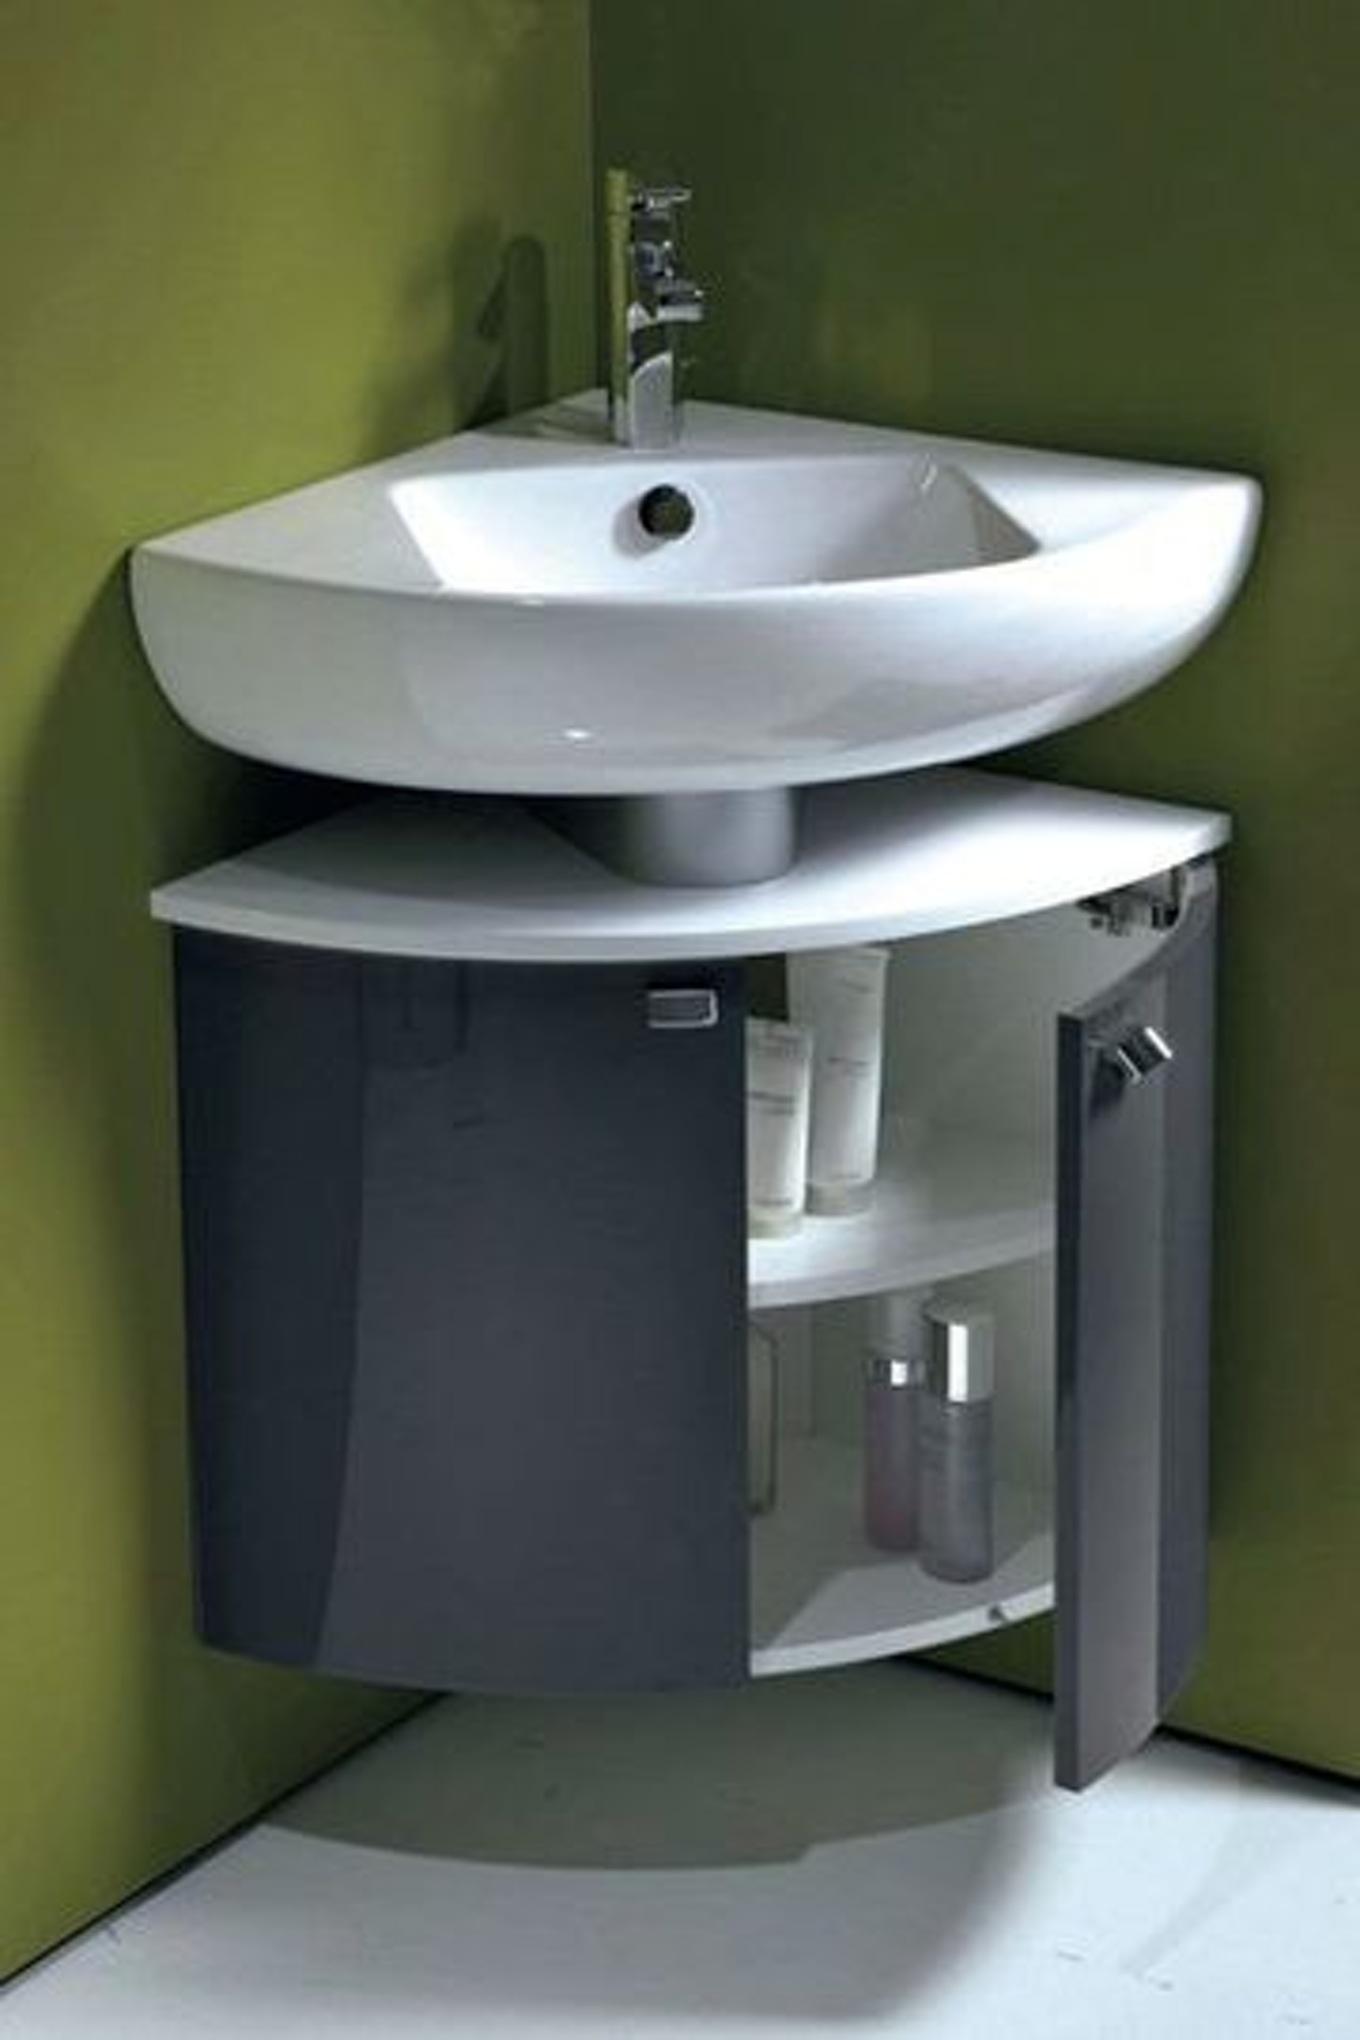 Meuble en coin salle de bain - maison parallele